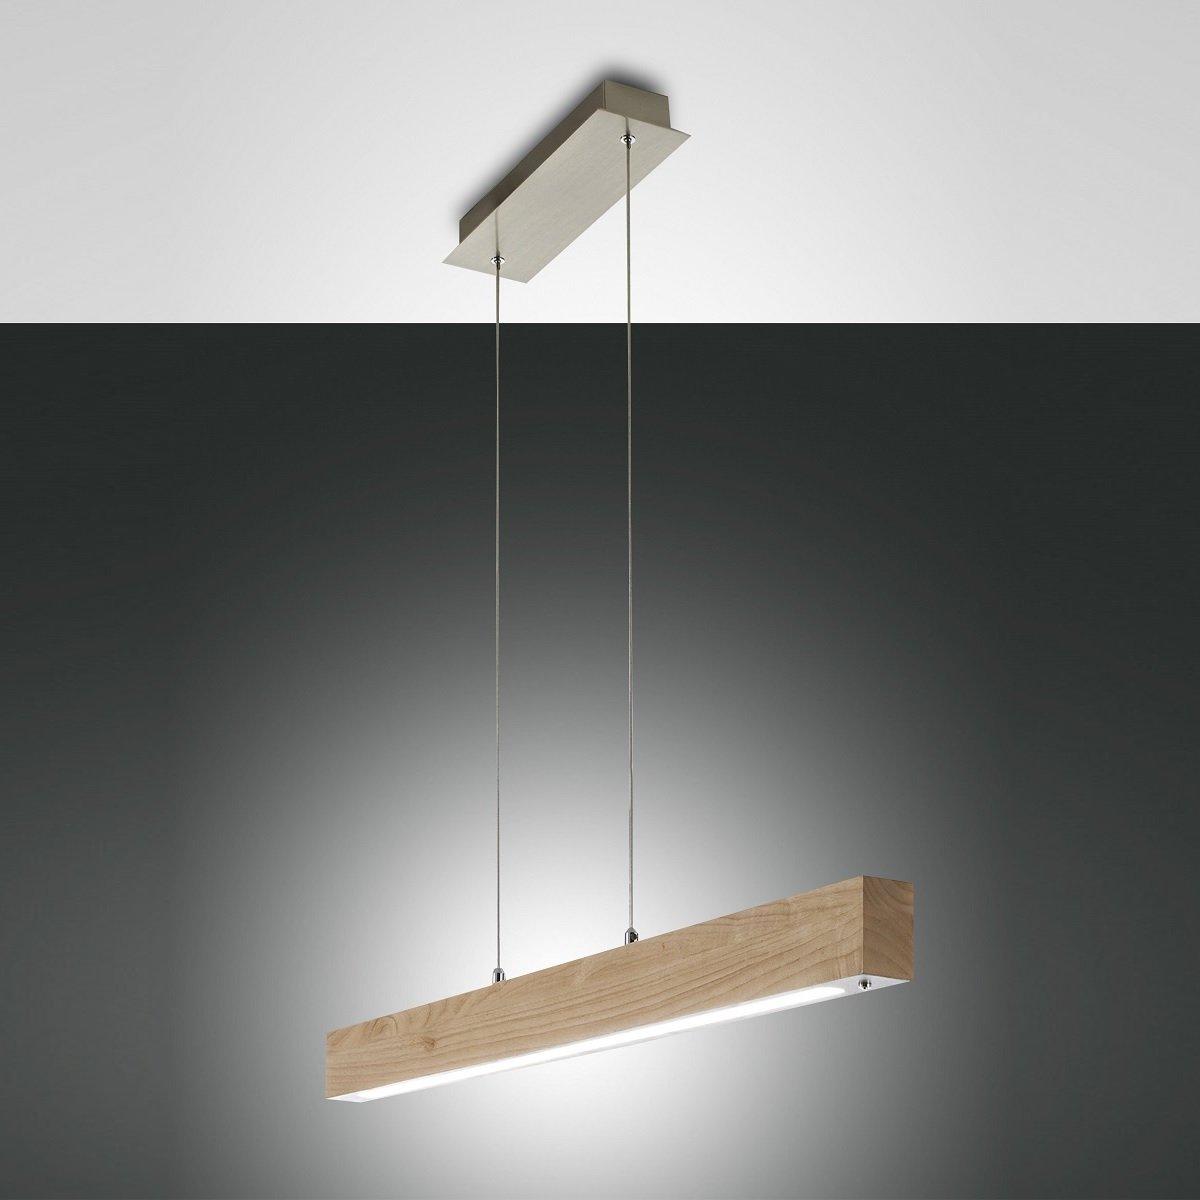 LED Pendelleuchten aus Holz günstig online kaufen | LadenZeile